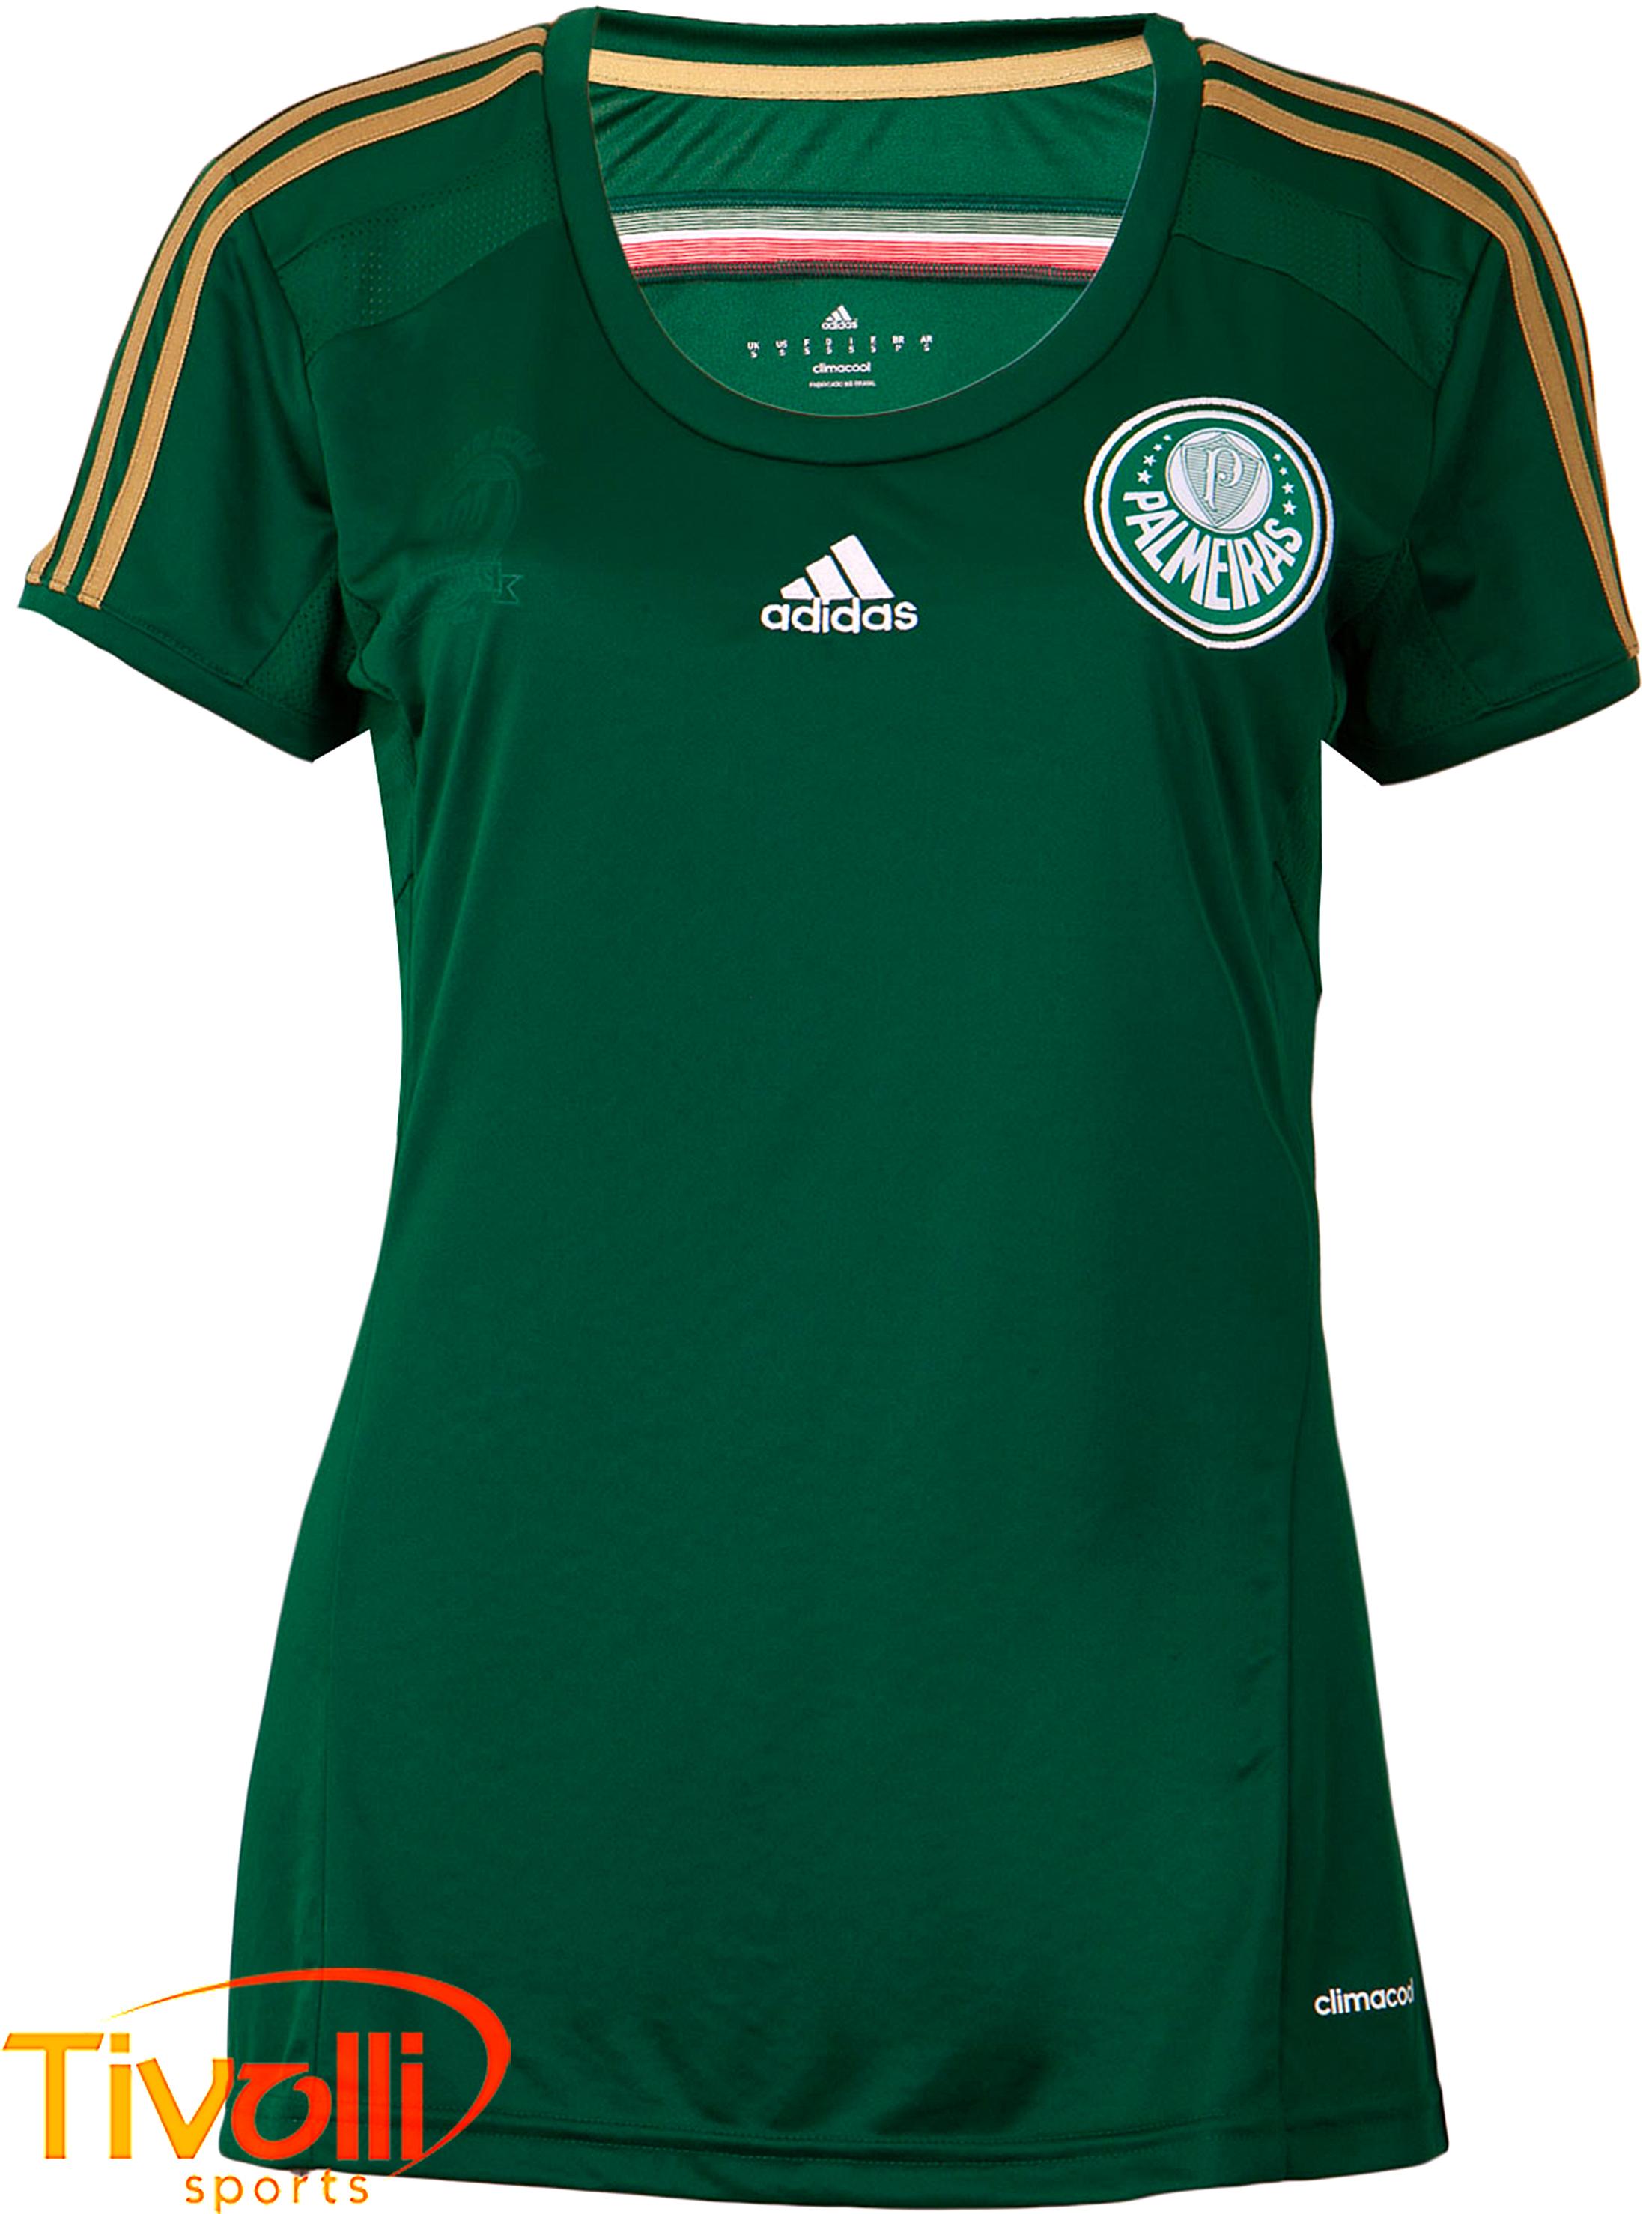 0ad0df6e3d223 Camisa Feminina Palmeiras I Adidas   Verde e dourada